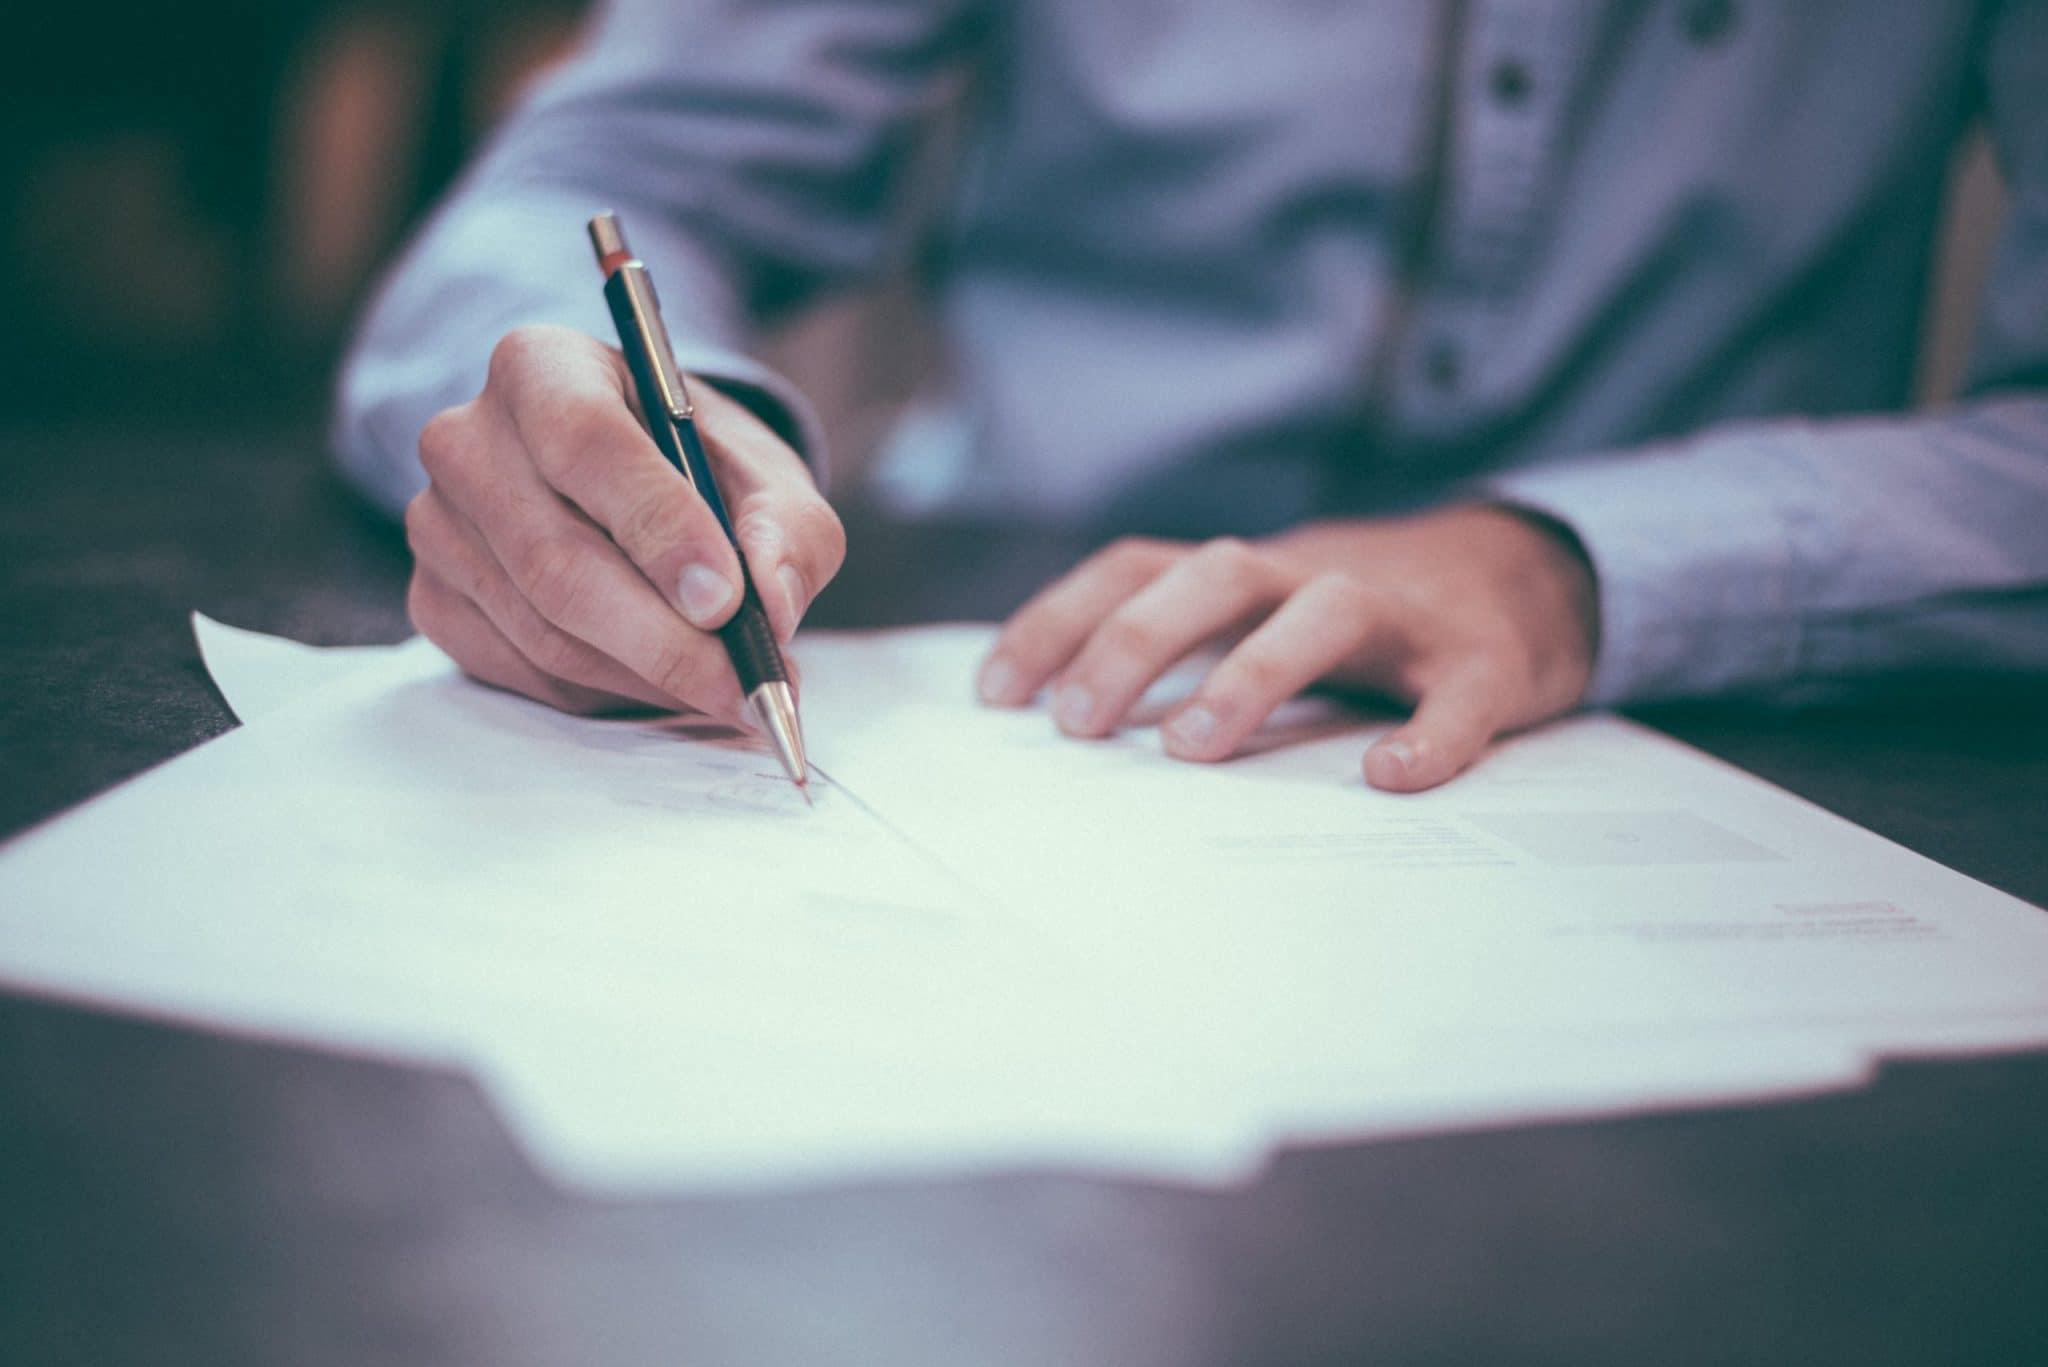 De partijbedoeling is niet (meer) relevant bij beoordeling arbeidsovereenkomst